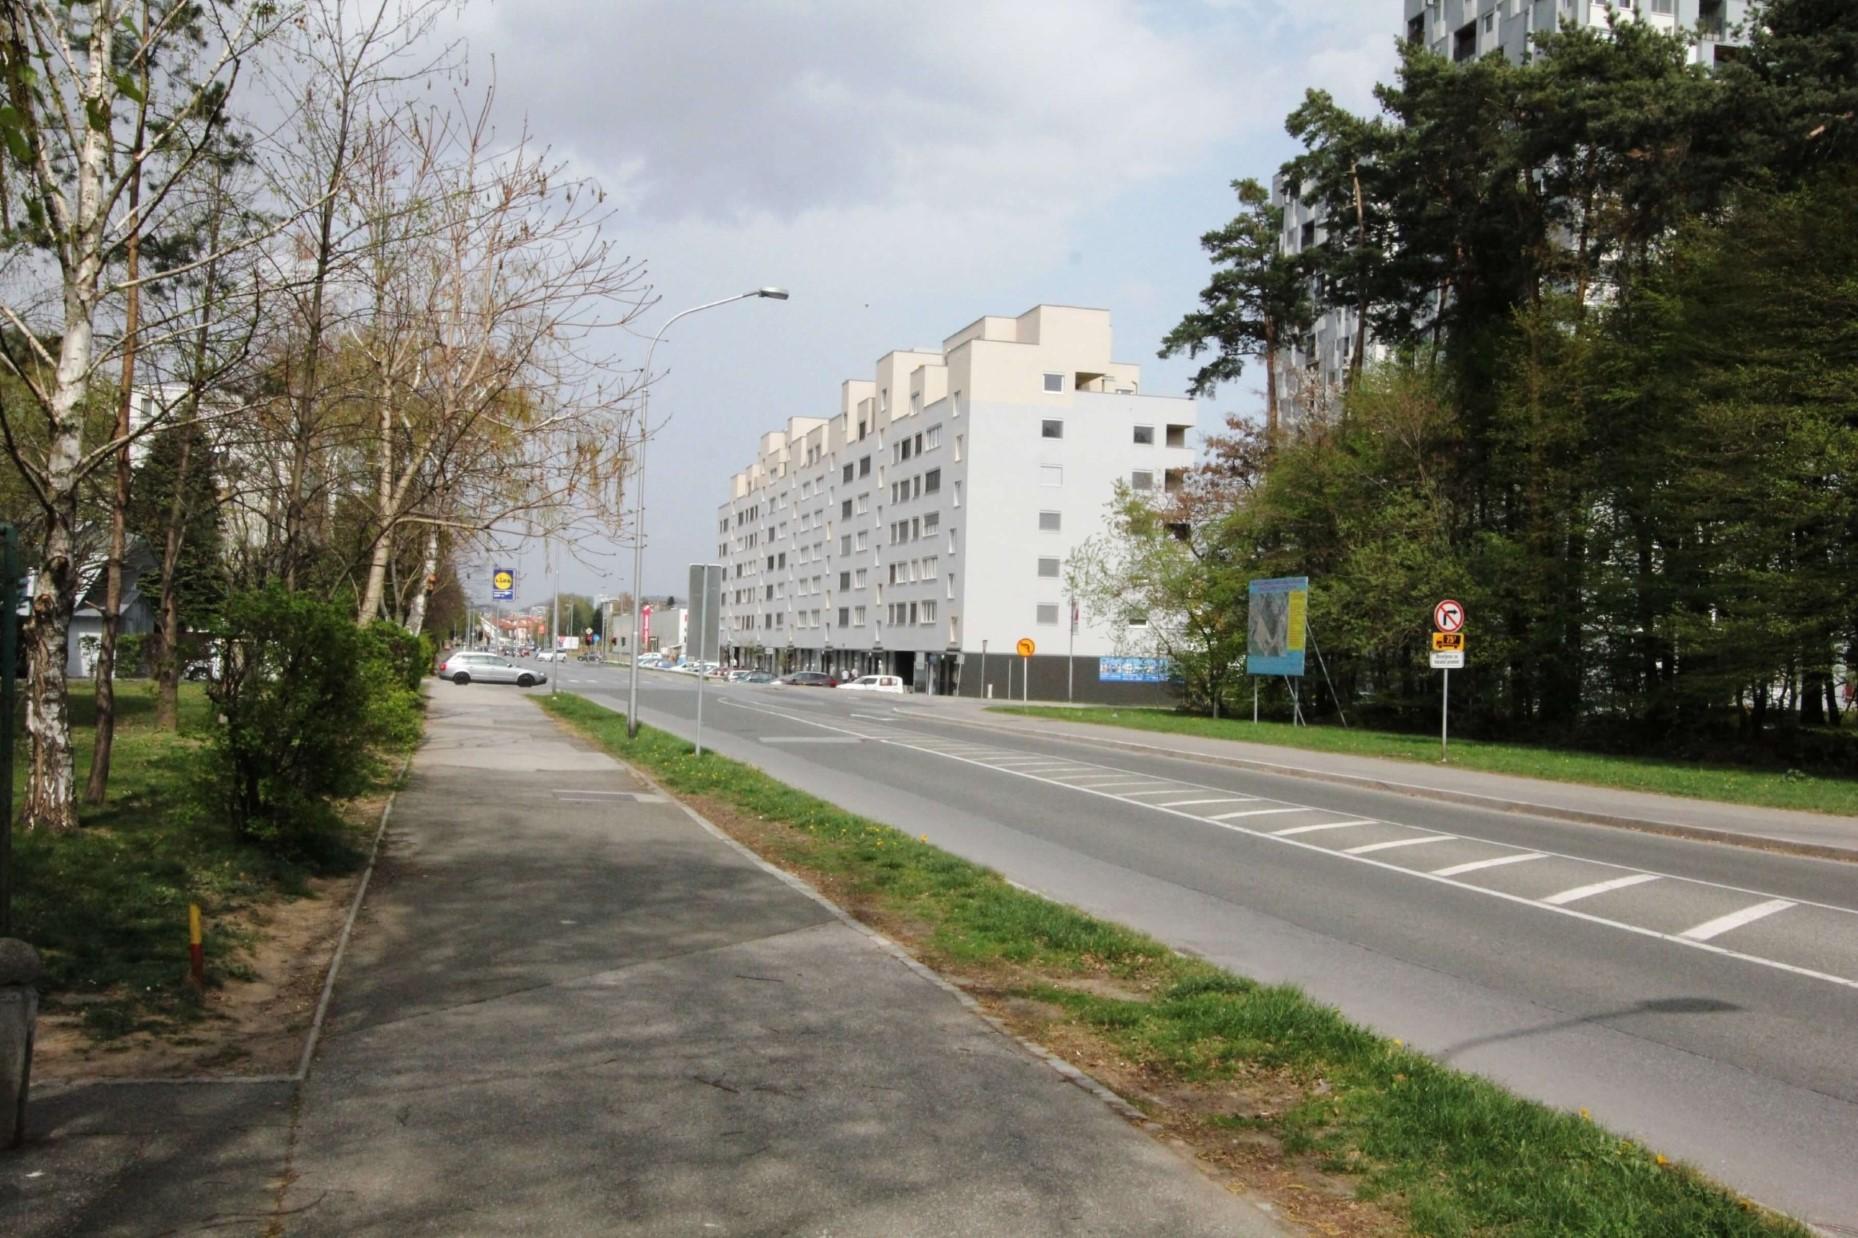 """Fotografija v sklopu """"Stavbe"""" z nazivom """"Gravitas 05_04_2012_0005"""""""